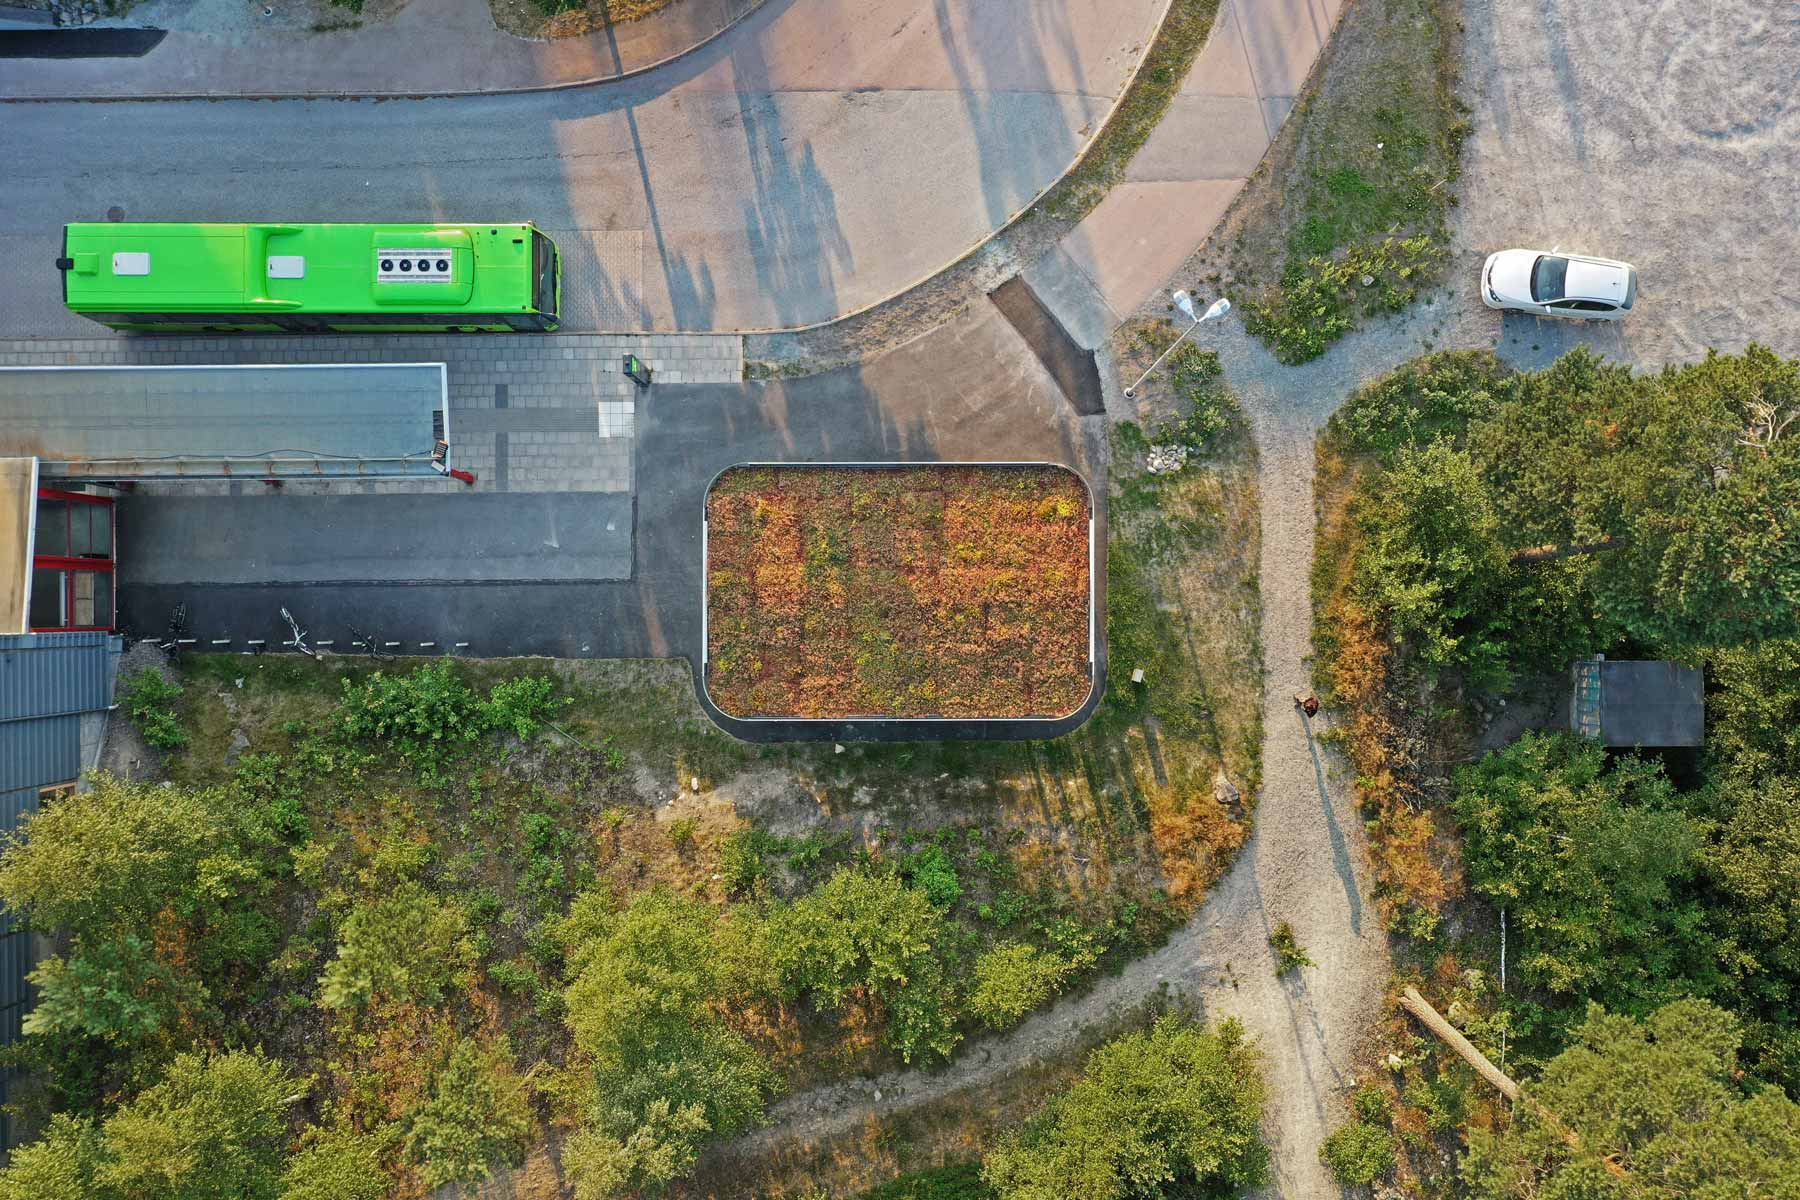 Cykelgarage som har sedum på taket och därmed smälter in i sin miljö